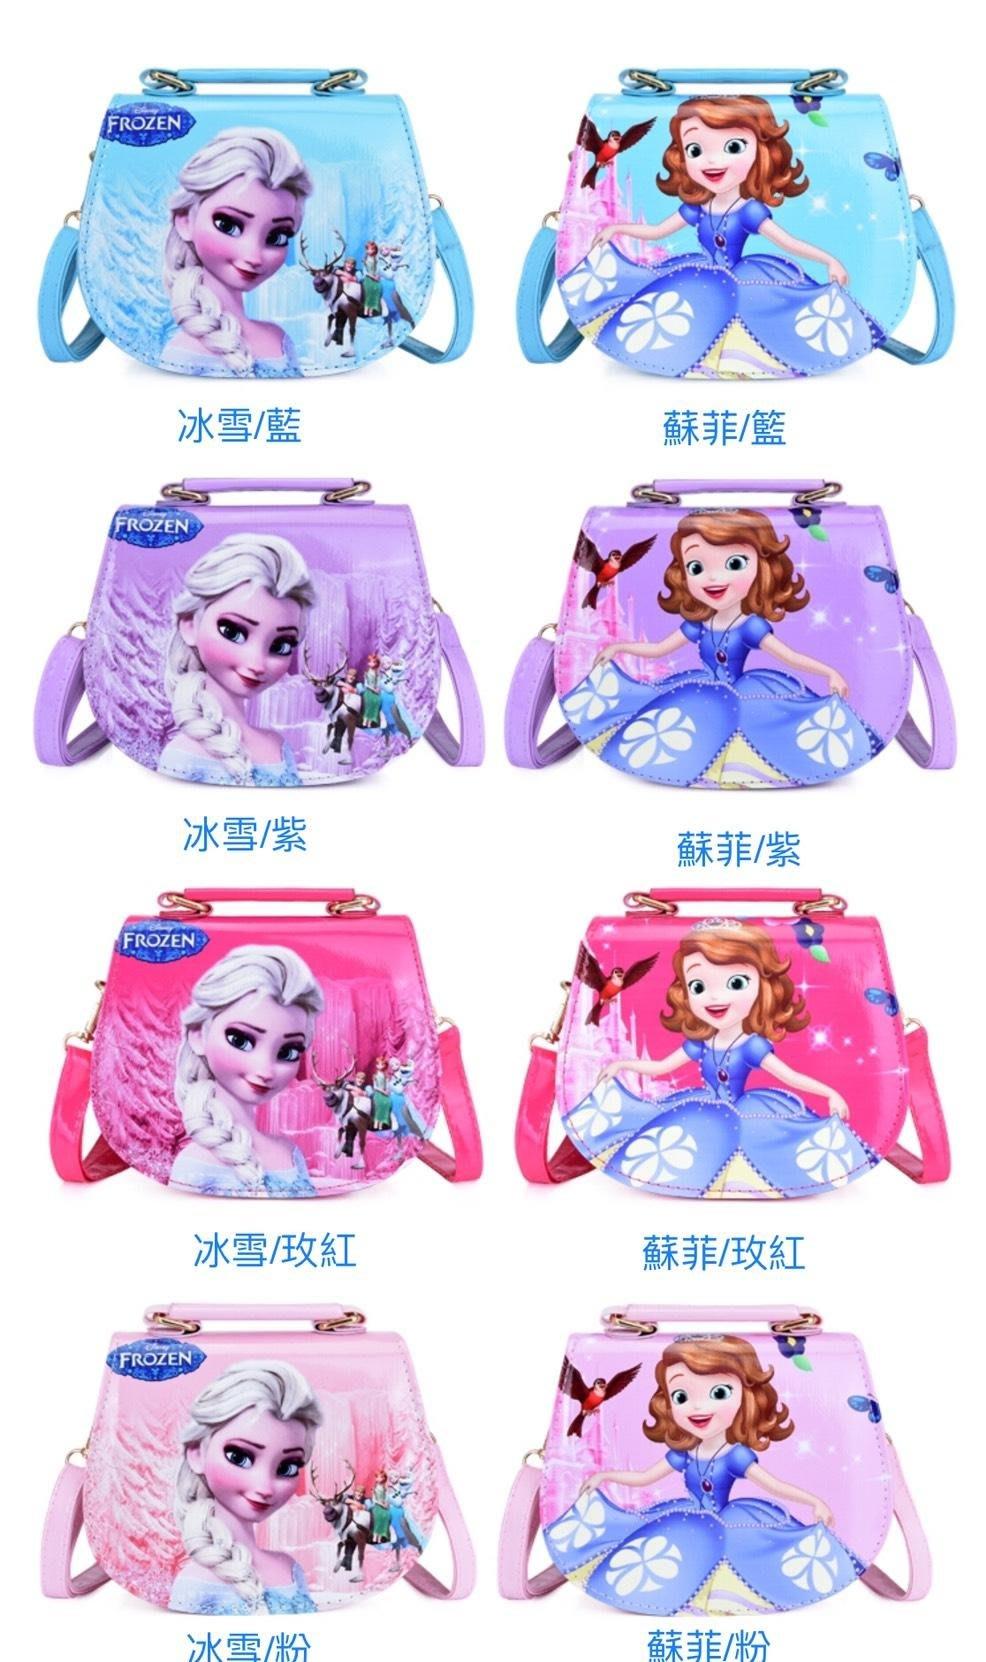 女童包 時尚女童包 冰雪奇緣女包 蘇菲亞公主包 小包包 側背包